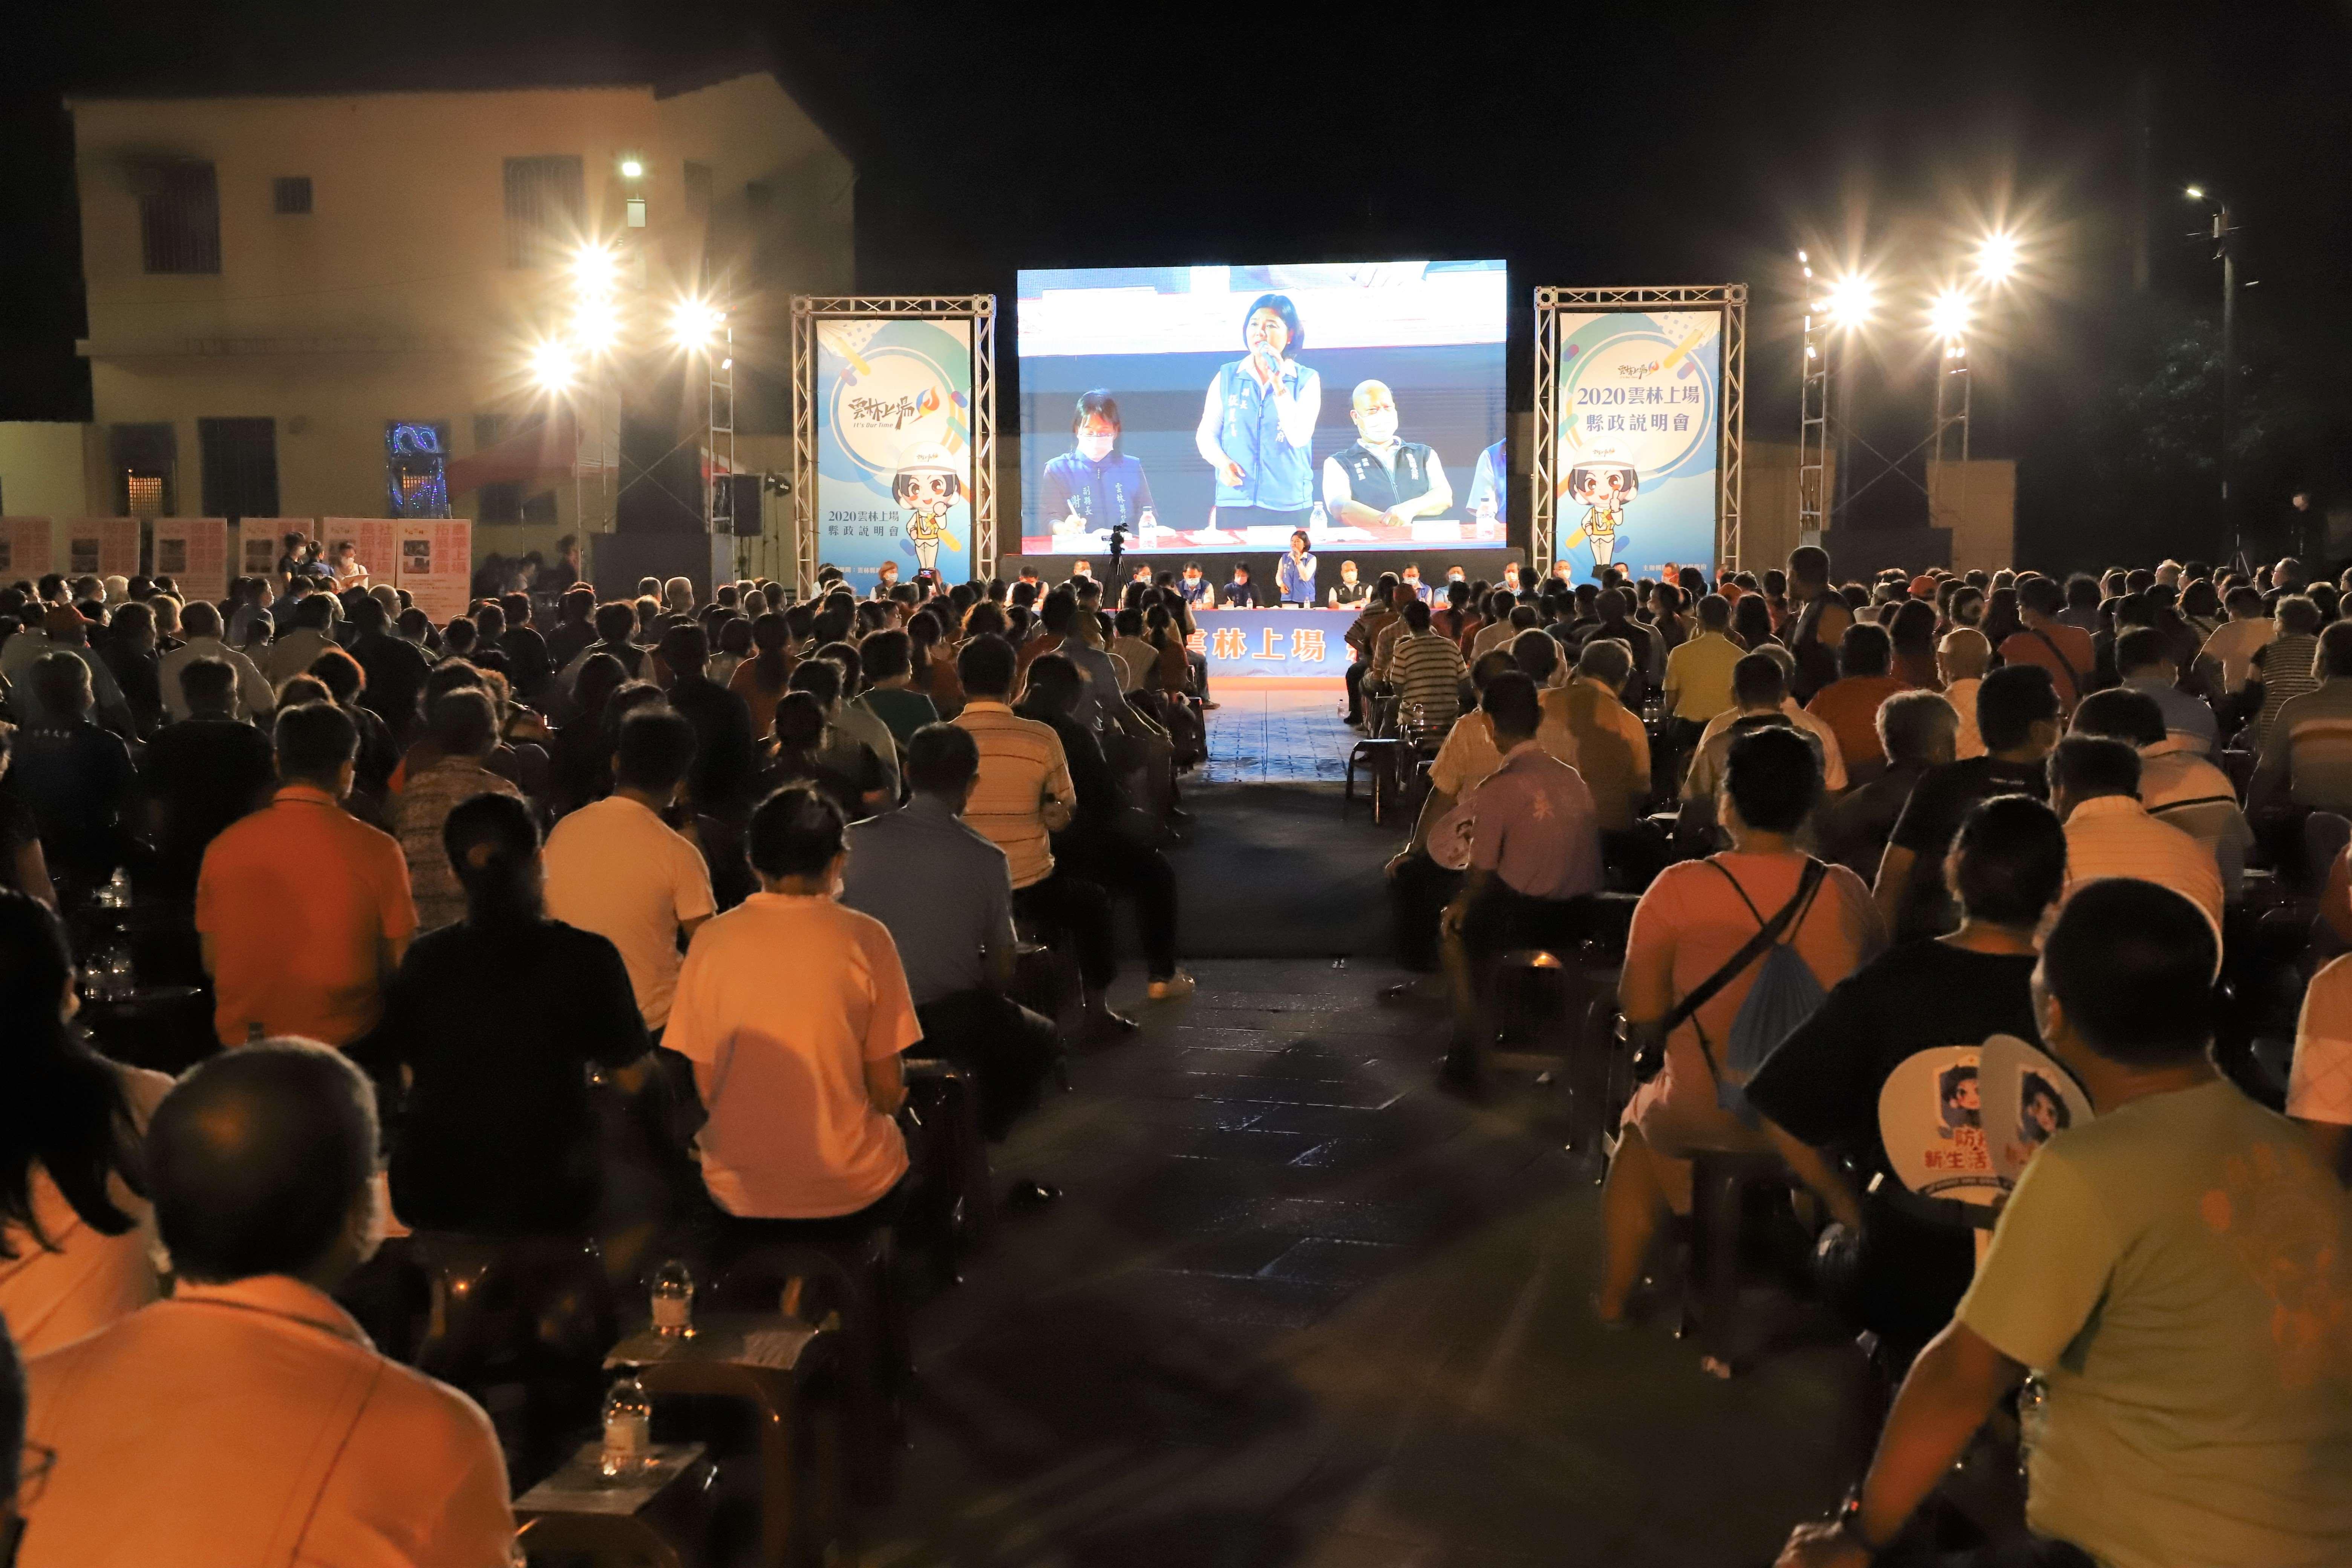 麥寮縣政說明會,吸引上千人參與,場面熱鬧。